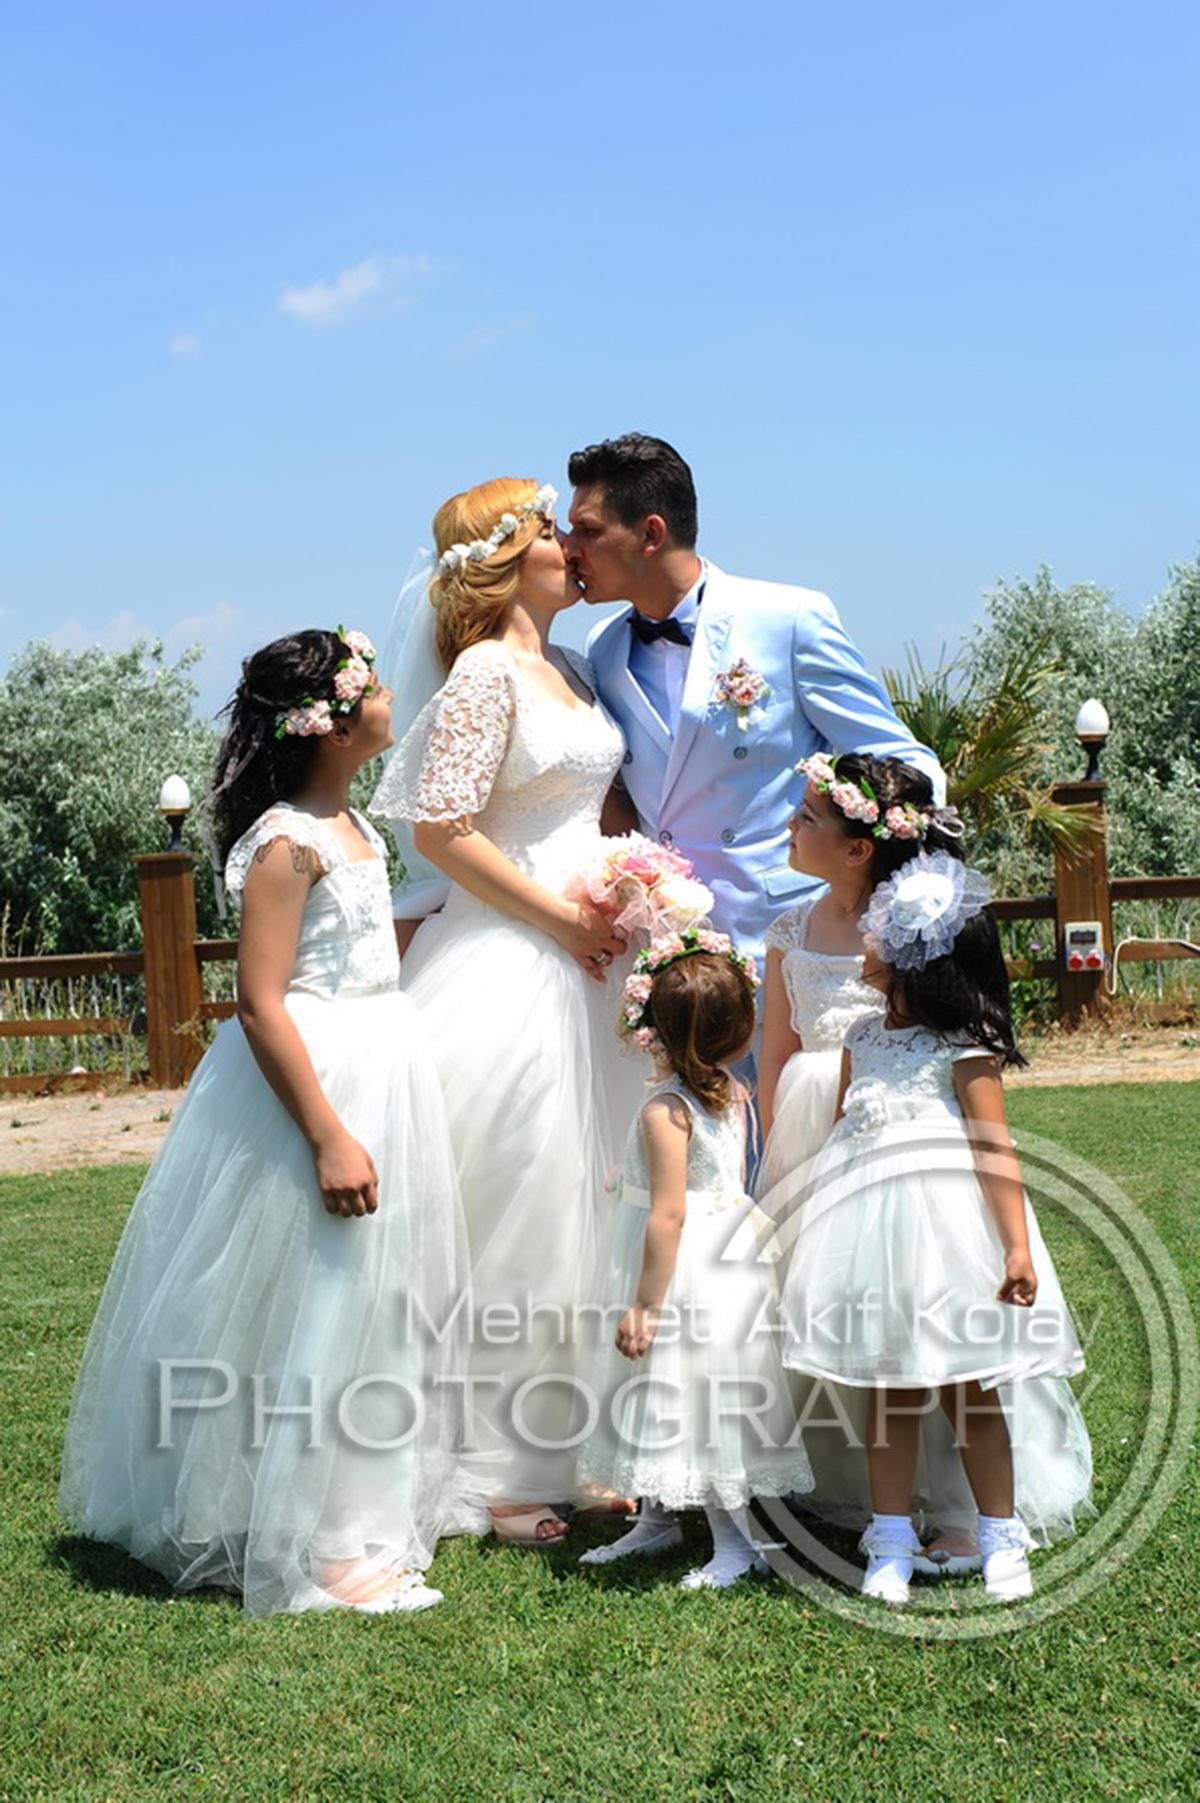 profesyonel düğün fotoğrafçıları düğün fotoğrafçısı - profesyonel d      n foto  raf    lar    - Düğün Fotoğrafçısı | Dış Mekan Düğün Fotoğraf Çekimi Fiyatları